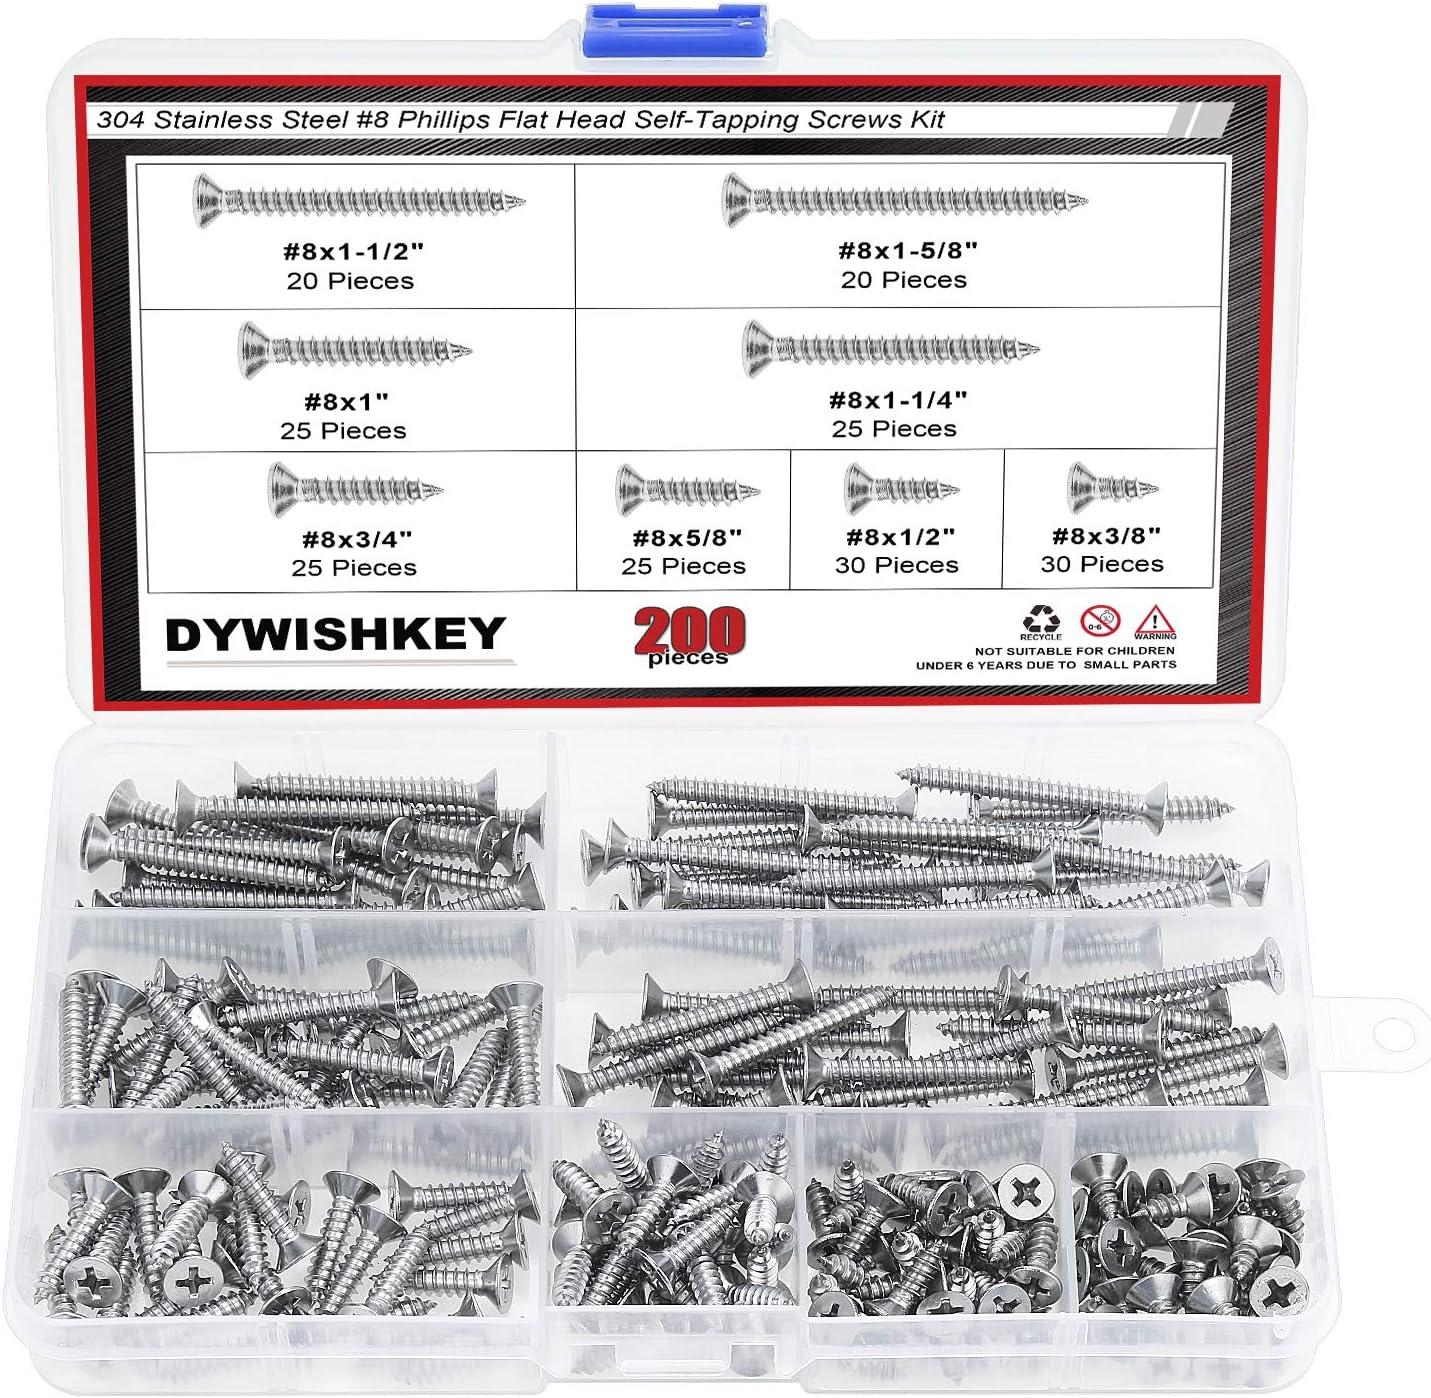 DYWISHKEY 200 Pieces #8 x 3/8